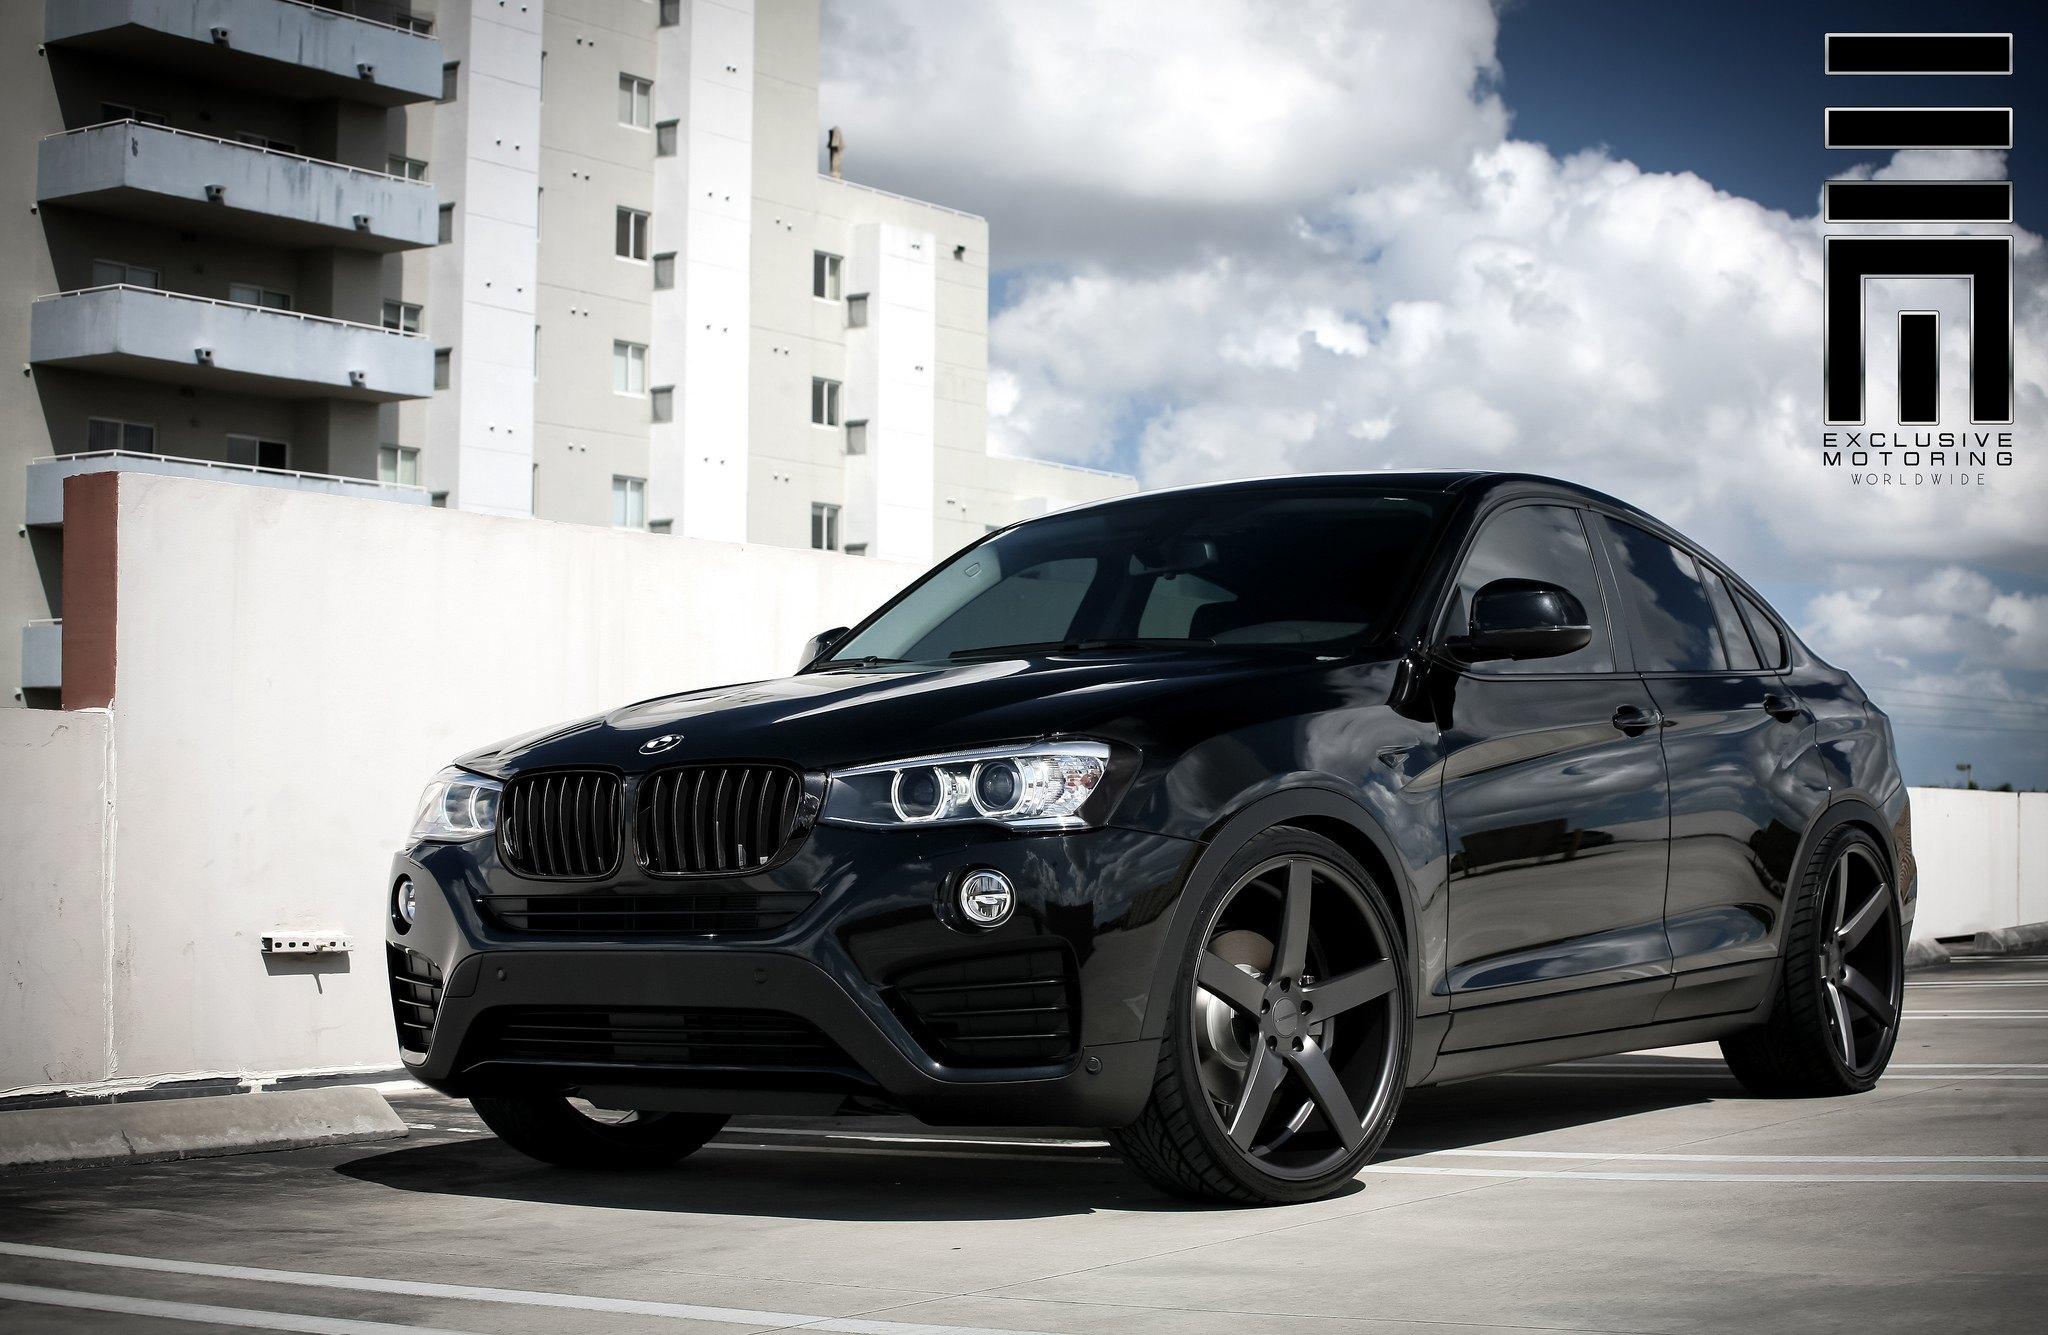 All Black BMW X On Custom Wheels CARiDcom Gallery - All black bmw